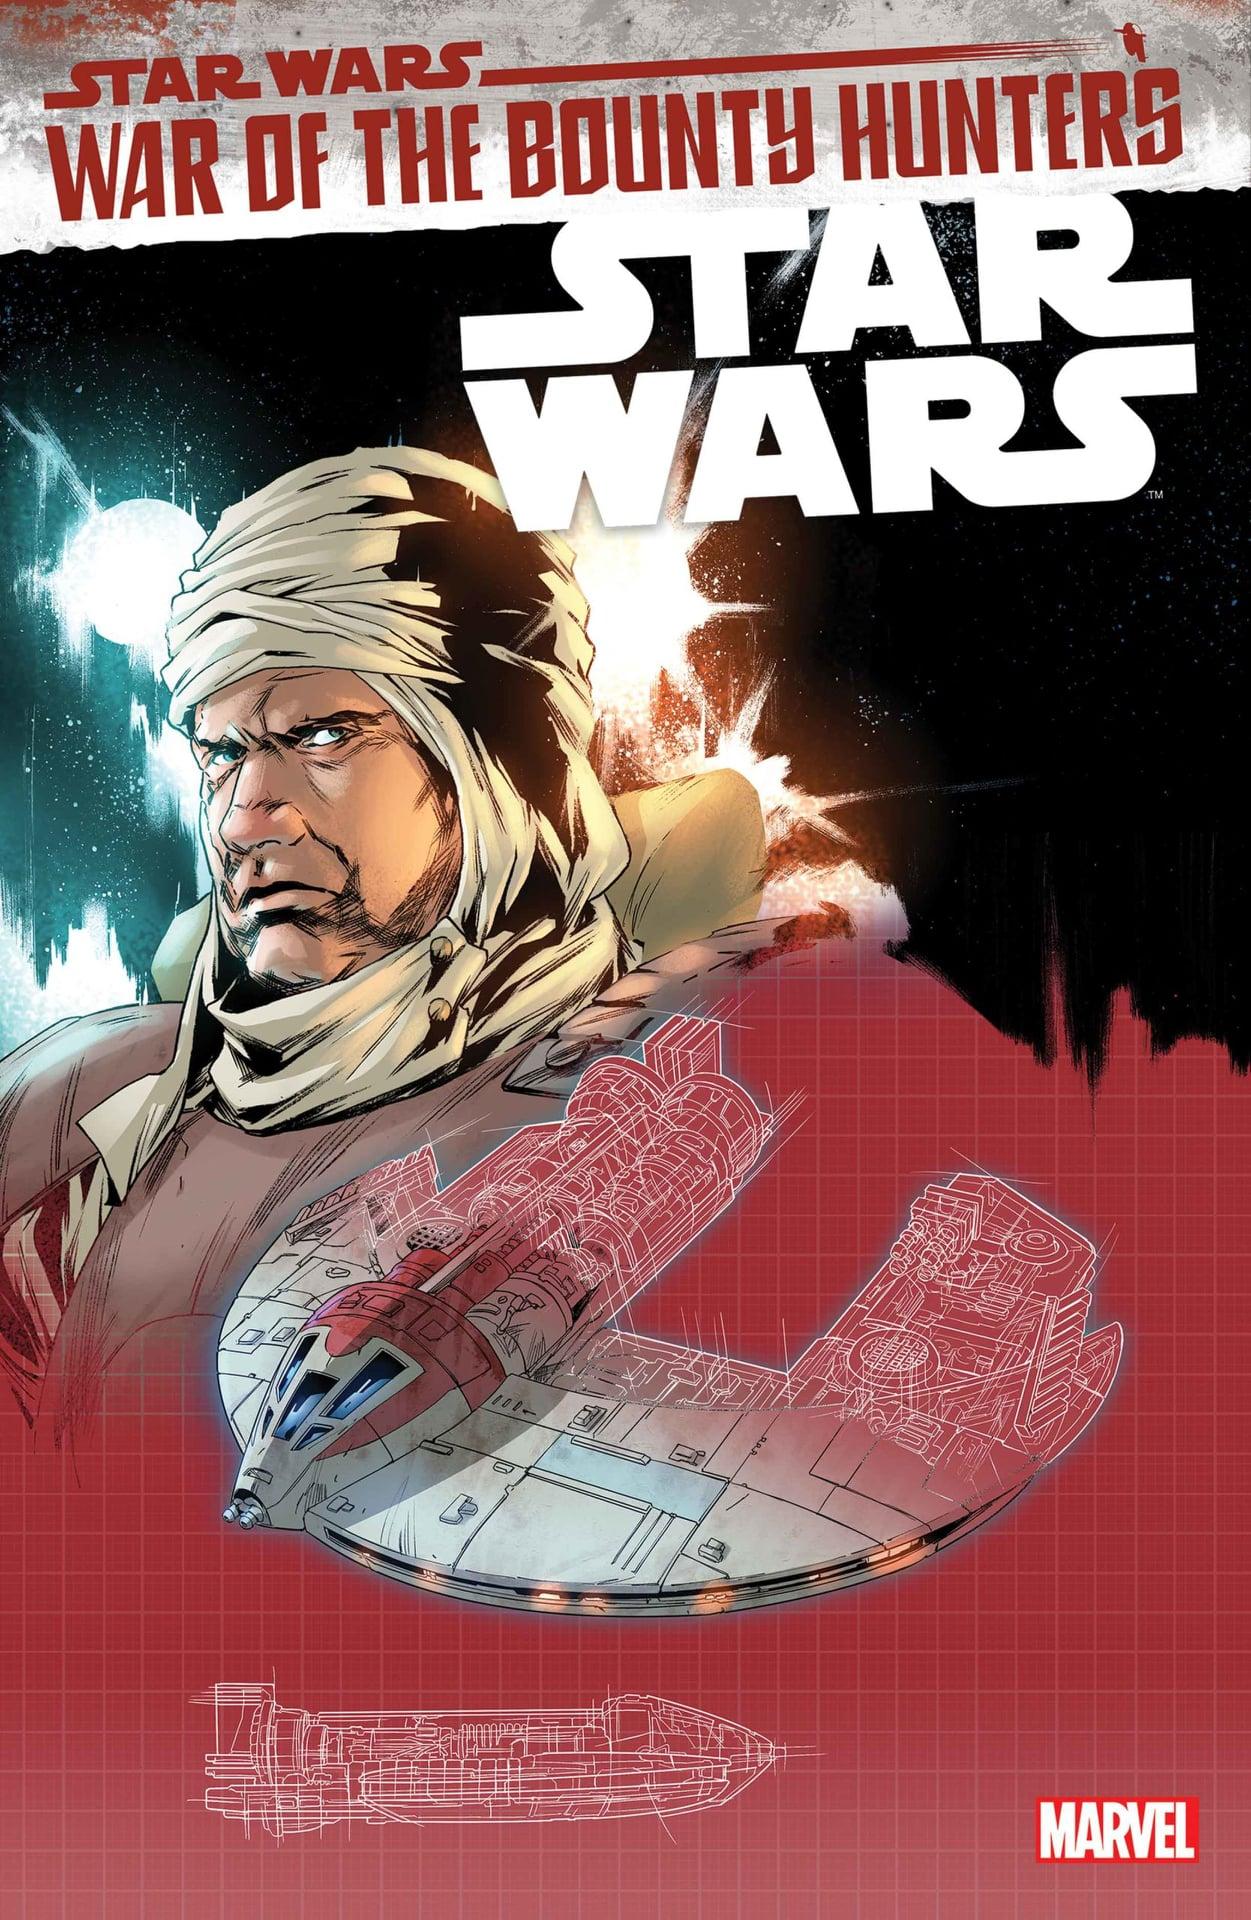 Star Wars 17 (Marvel 2020) - Villanelli Variant